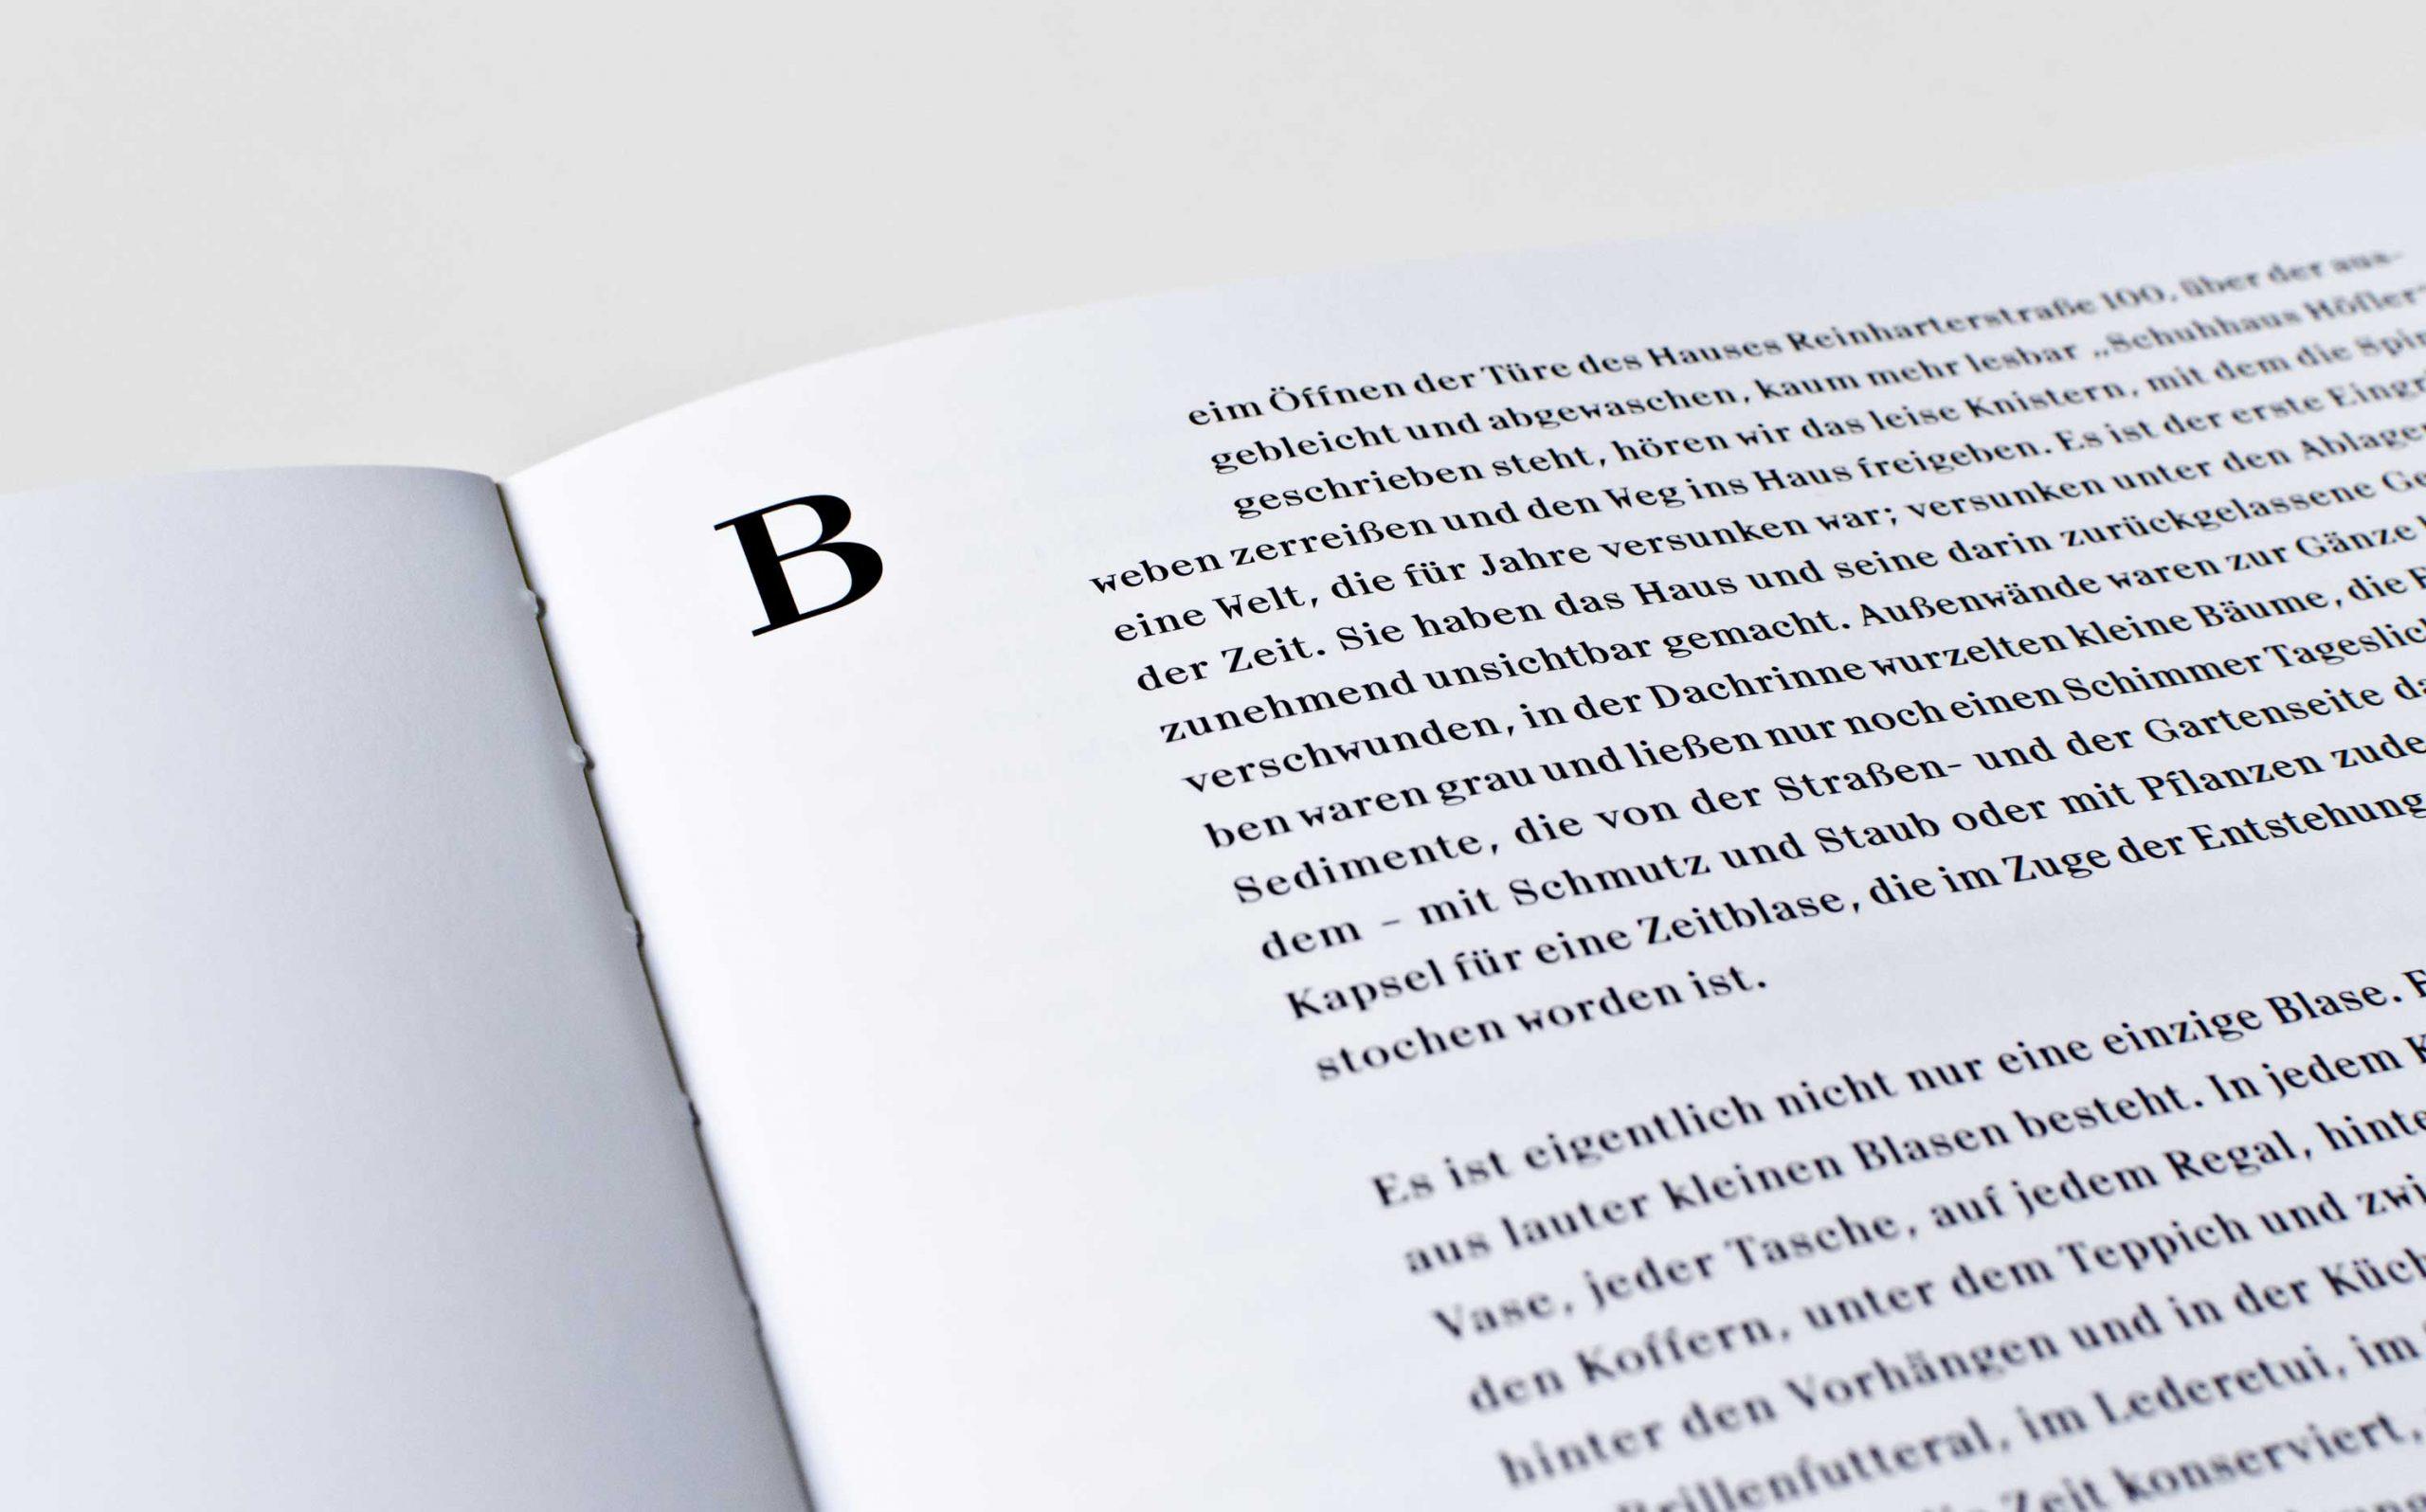 Tarek Leitner, Peter Coeln – Hilde & Gretl | Detailaufnahme der Doppelseite mit großem Initial als Kapiteleinstieg auf rechter Seite, links leer | Keywords: Editorial Design, Veredelung, Artist Book, Künstlerbuch, Buchgestaltung, Grafikdesign, Design, Typografie